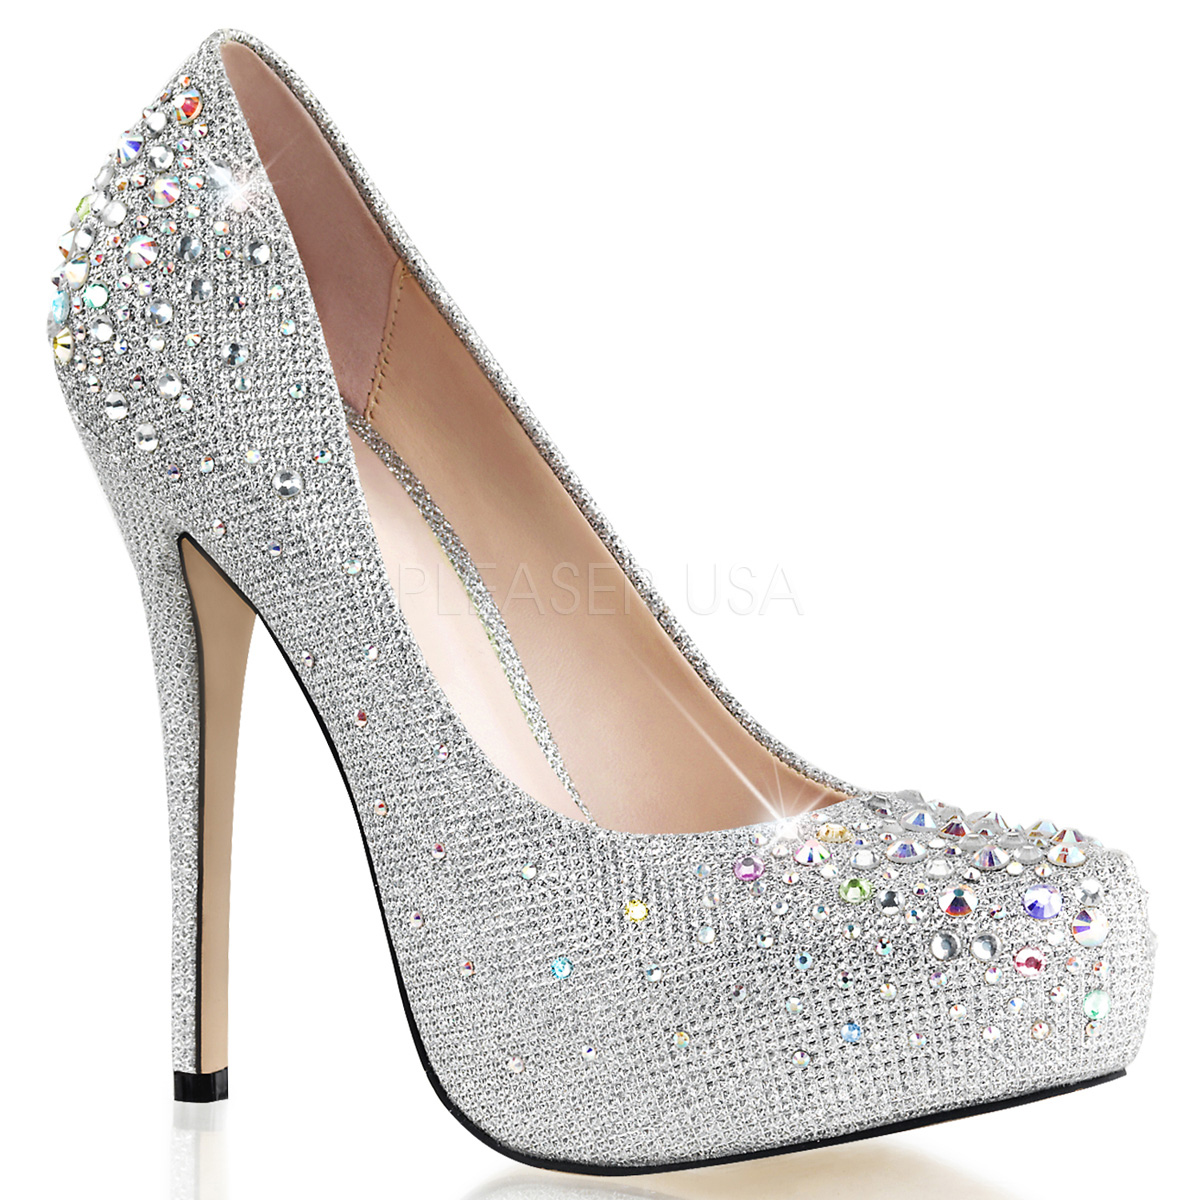 bottes chaussures pour femmes plateau talon 10 cm comme cuir confortable 9141 67PU1M